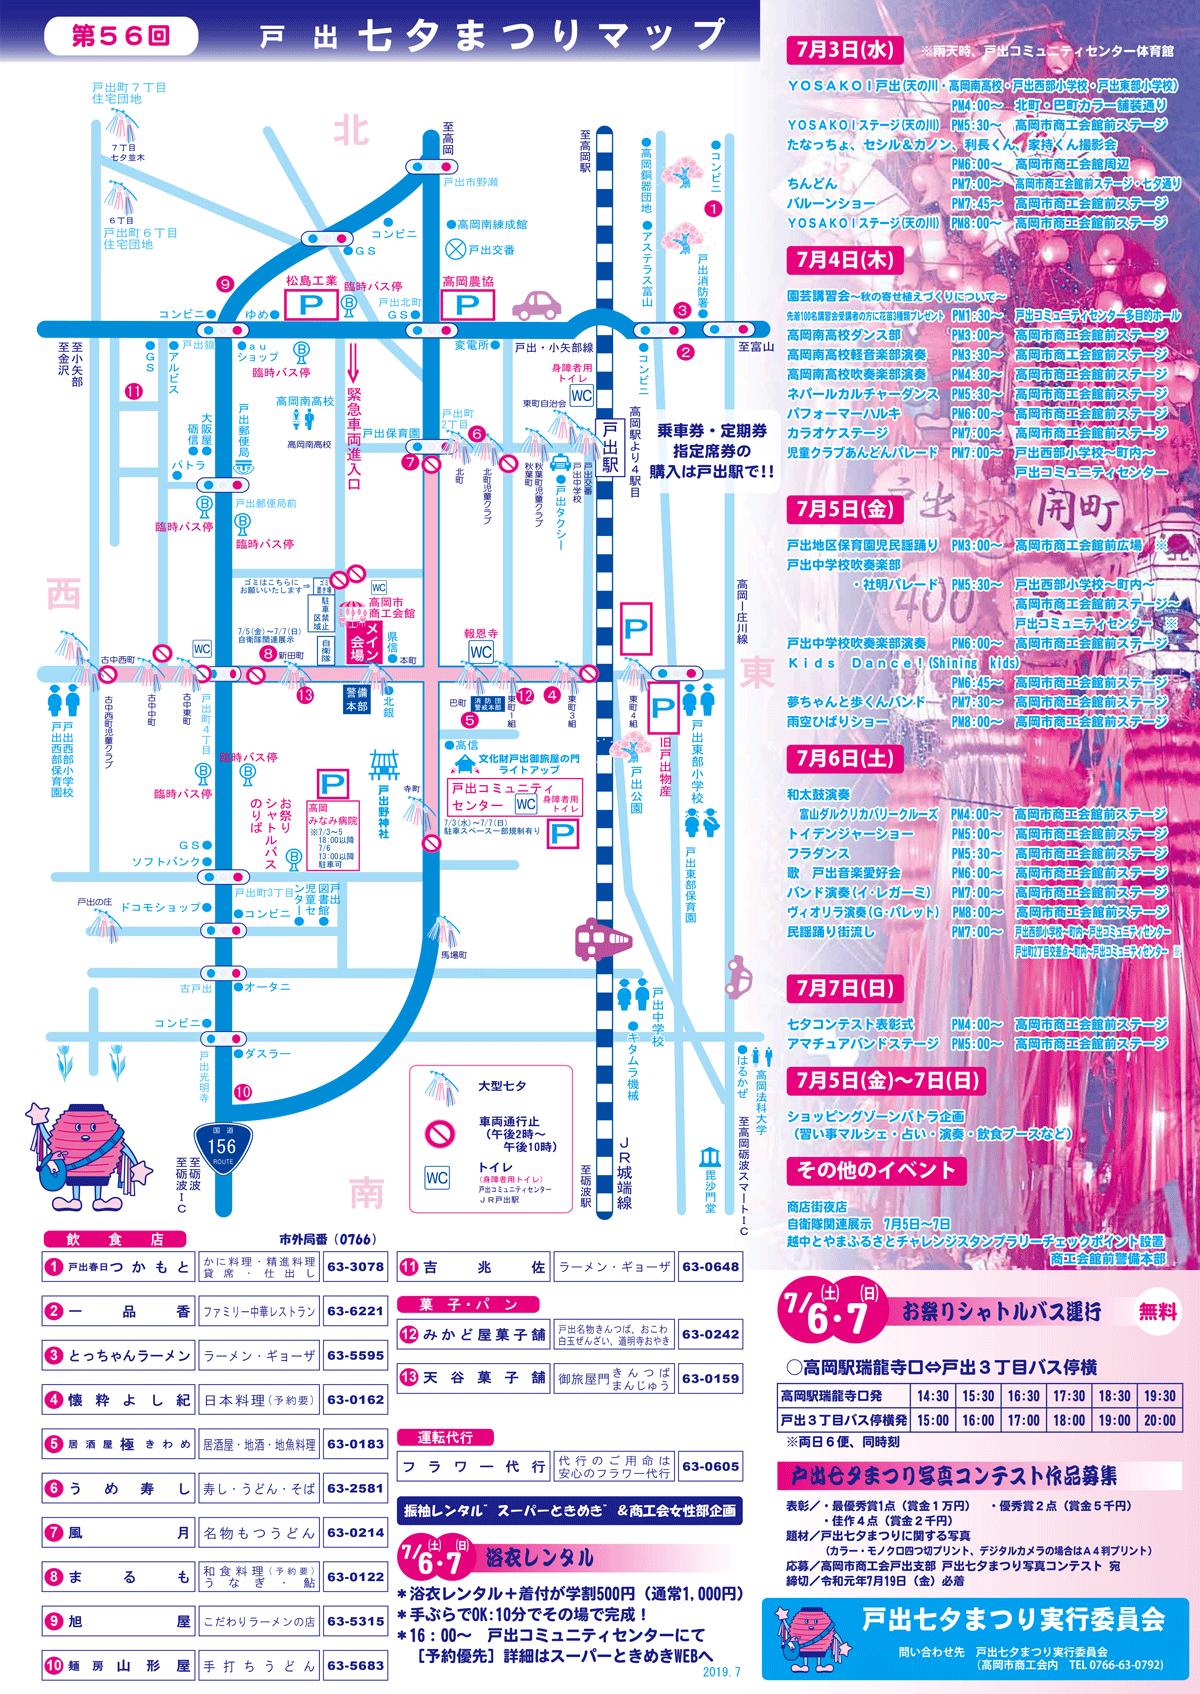 高岡市で開催される「戸出七夕まつり2019」の会場、交通規制マップ